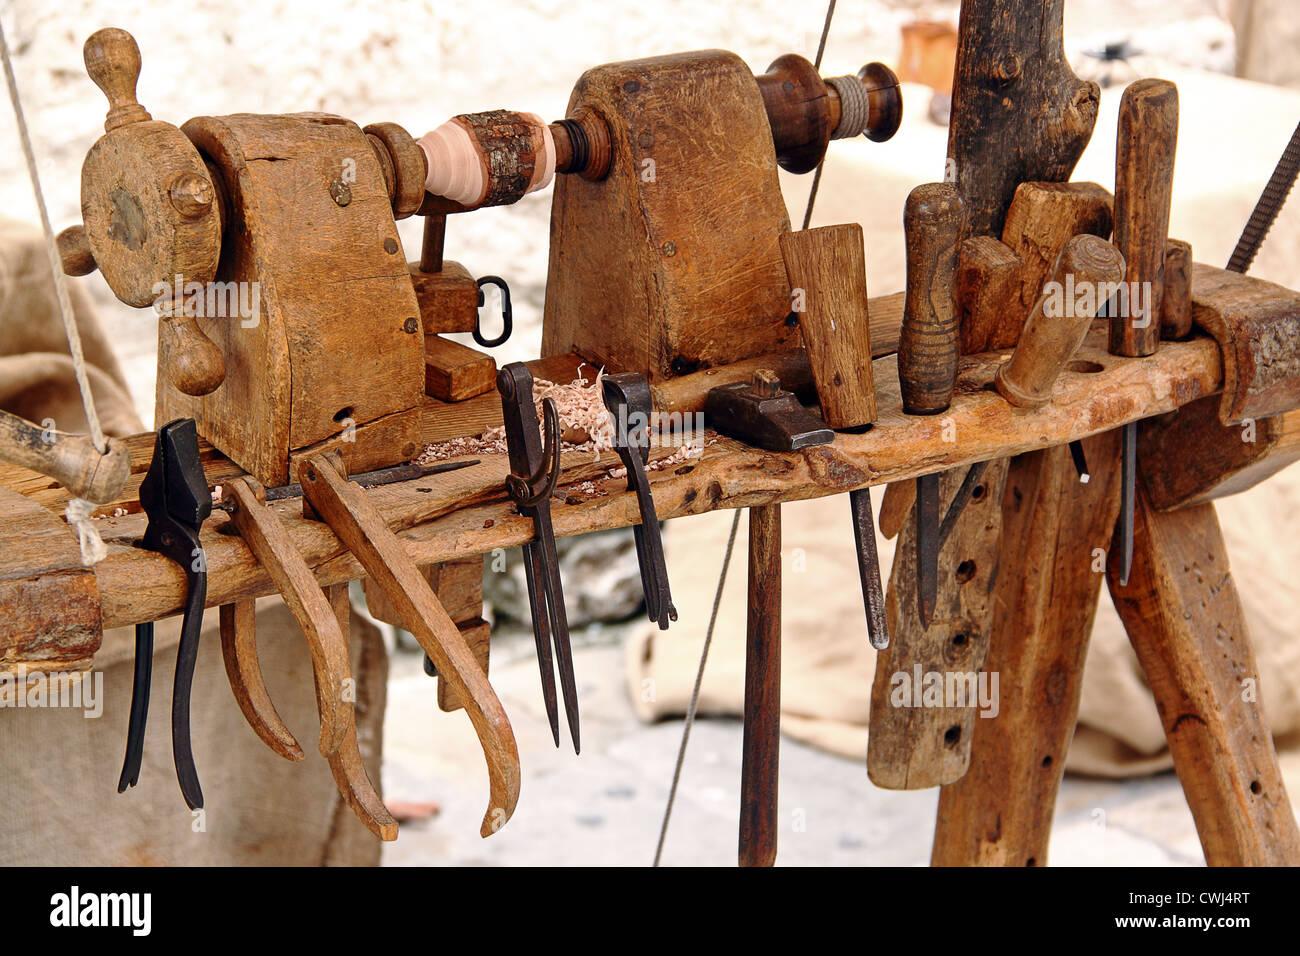 Un Vecchio Tornio Con Un Set Di Utensili Per La Lavorazione Del Legno Martello Scalpelli Pinze Foto Stock Alamy